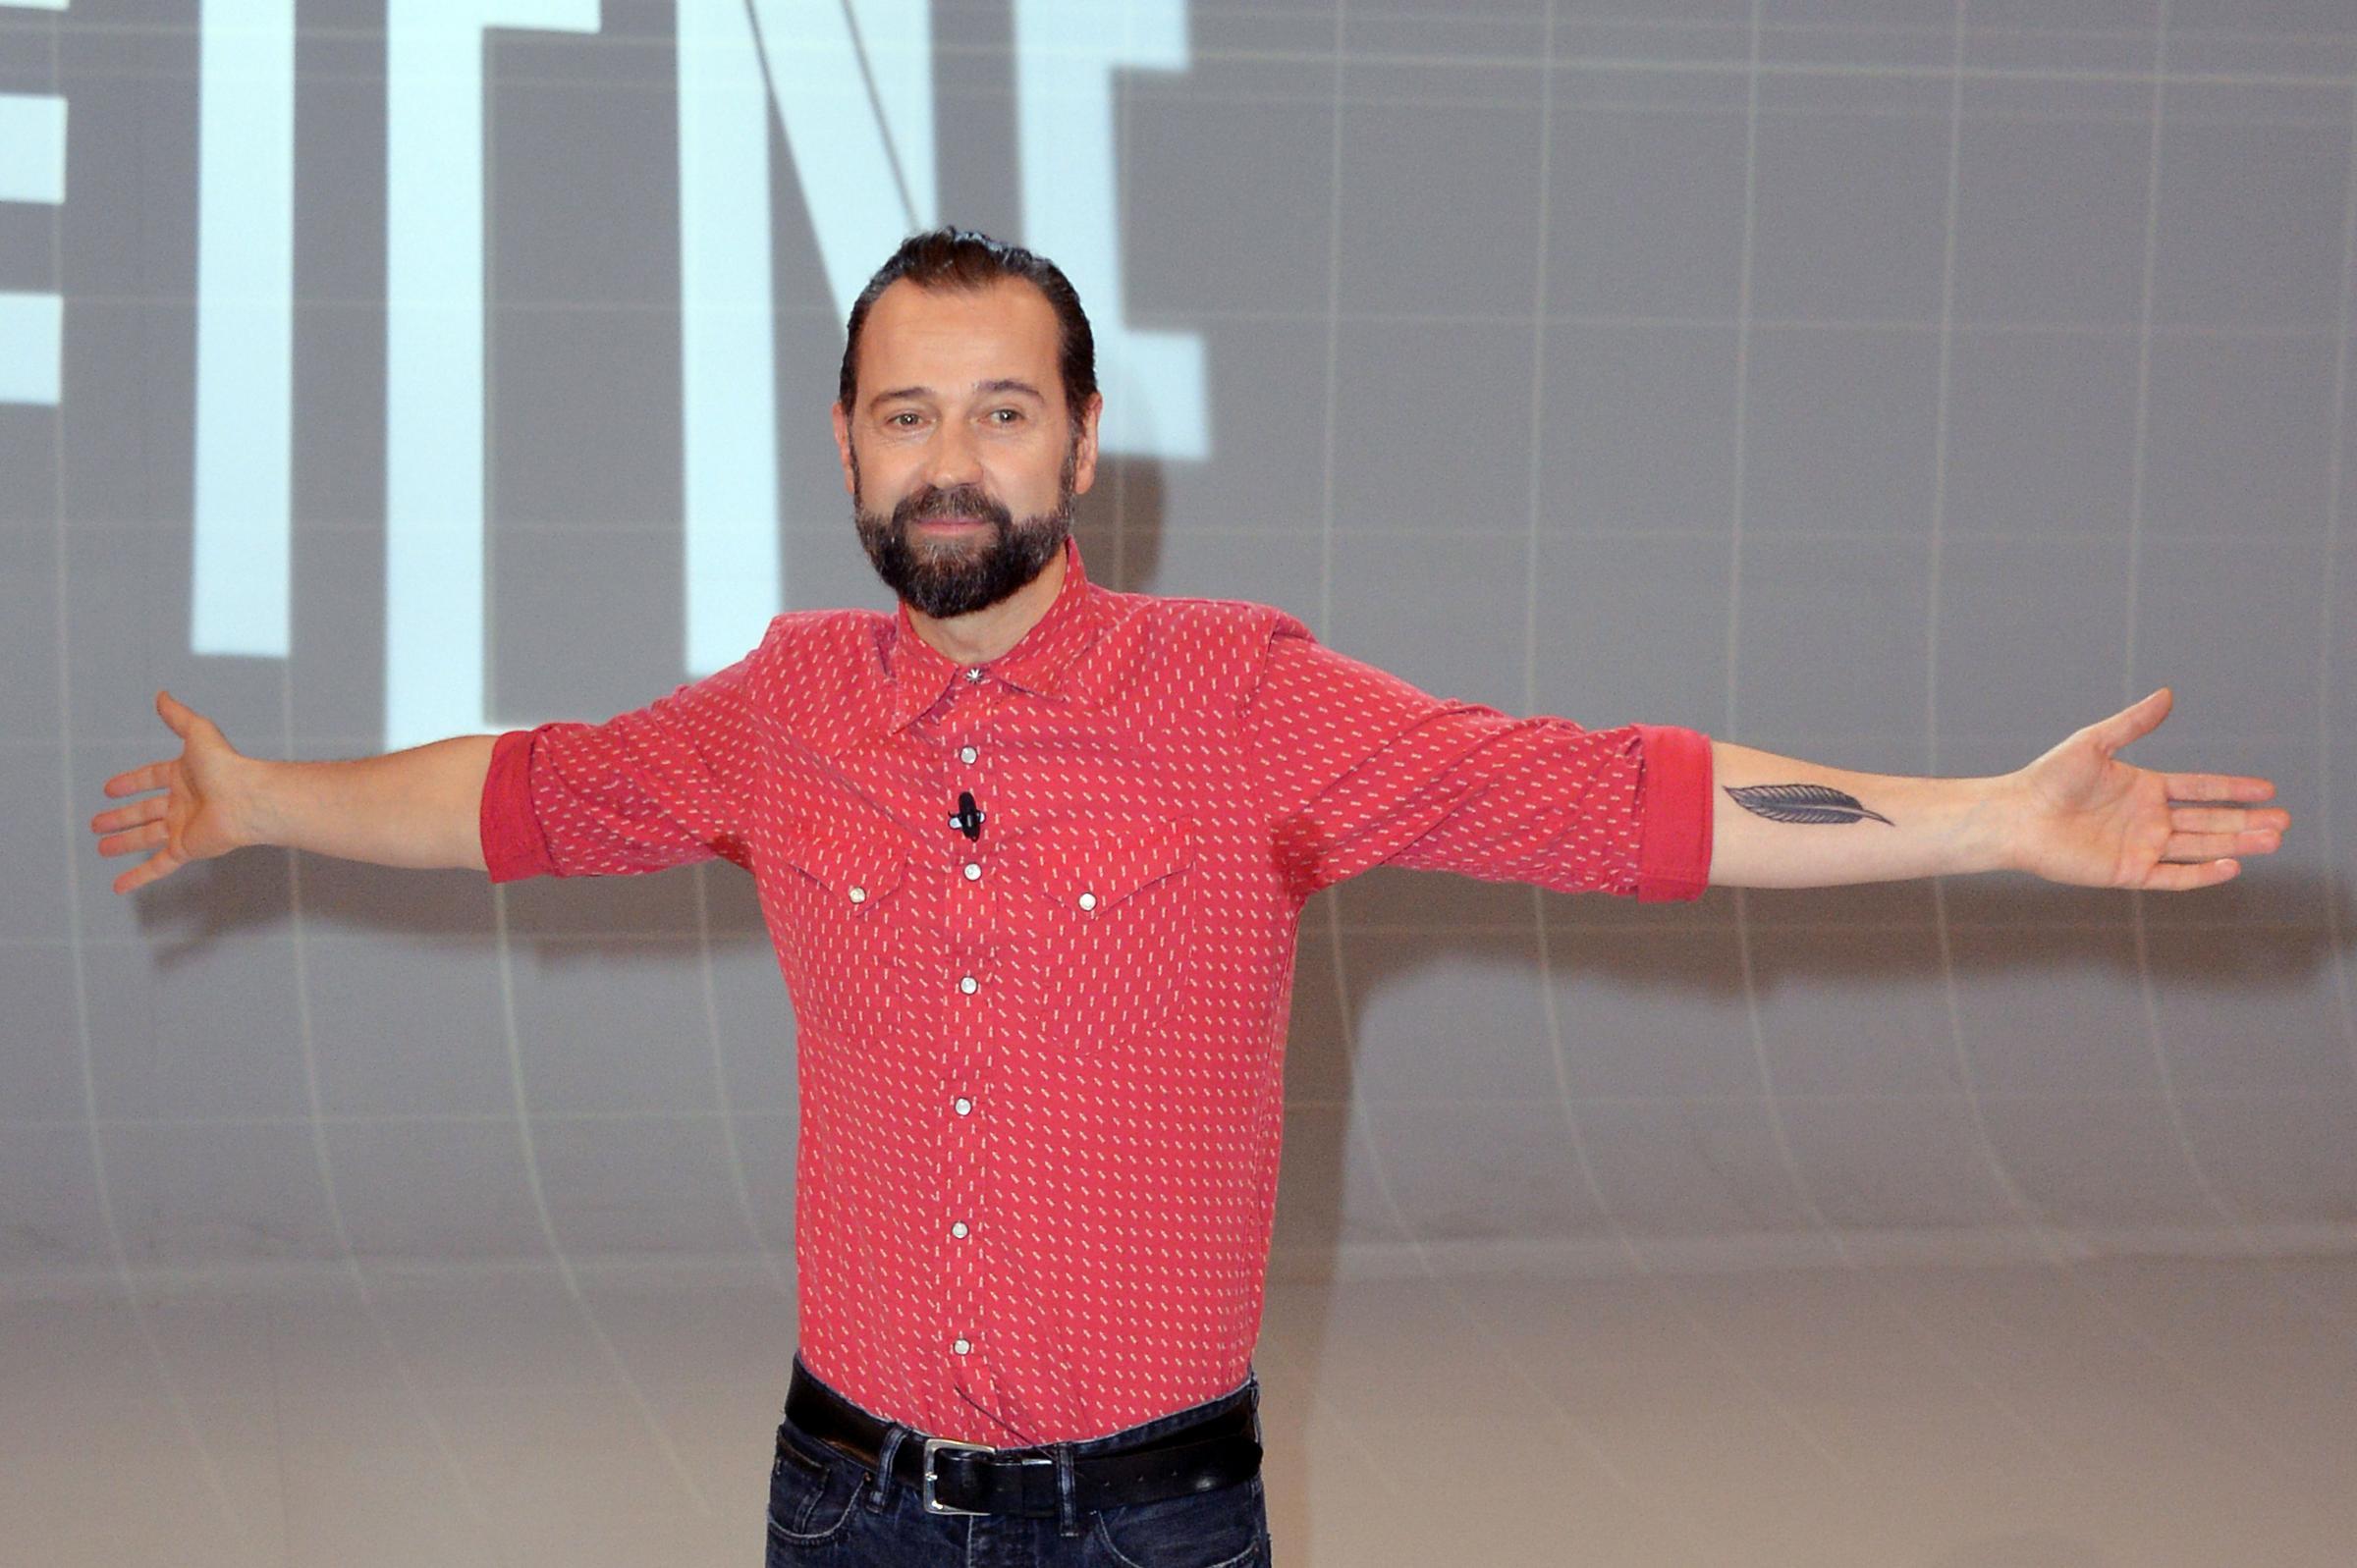 Fabio Volo a Televisionando: 'Le Iene? Il programma più contemporaneo della televisione italiana' [INTERVISTA]